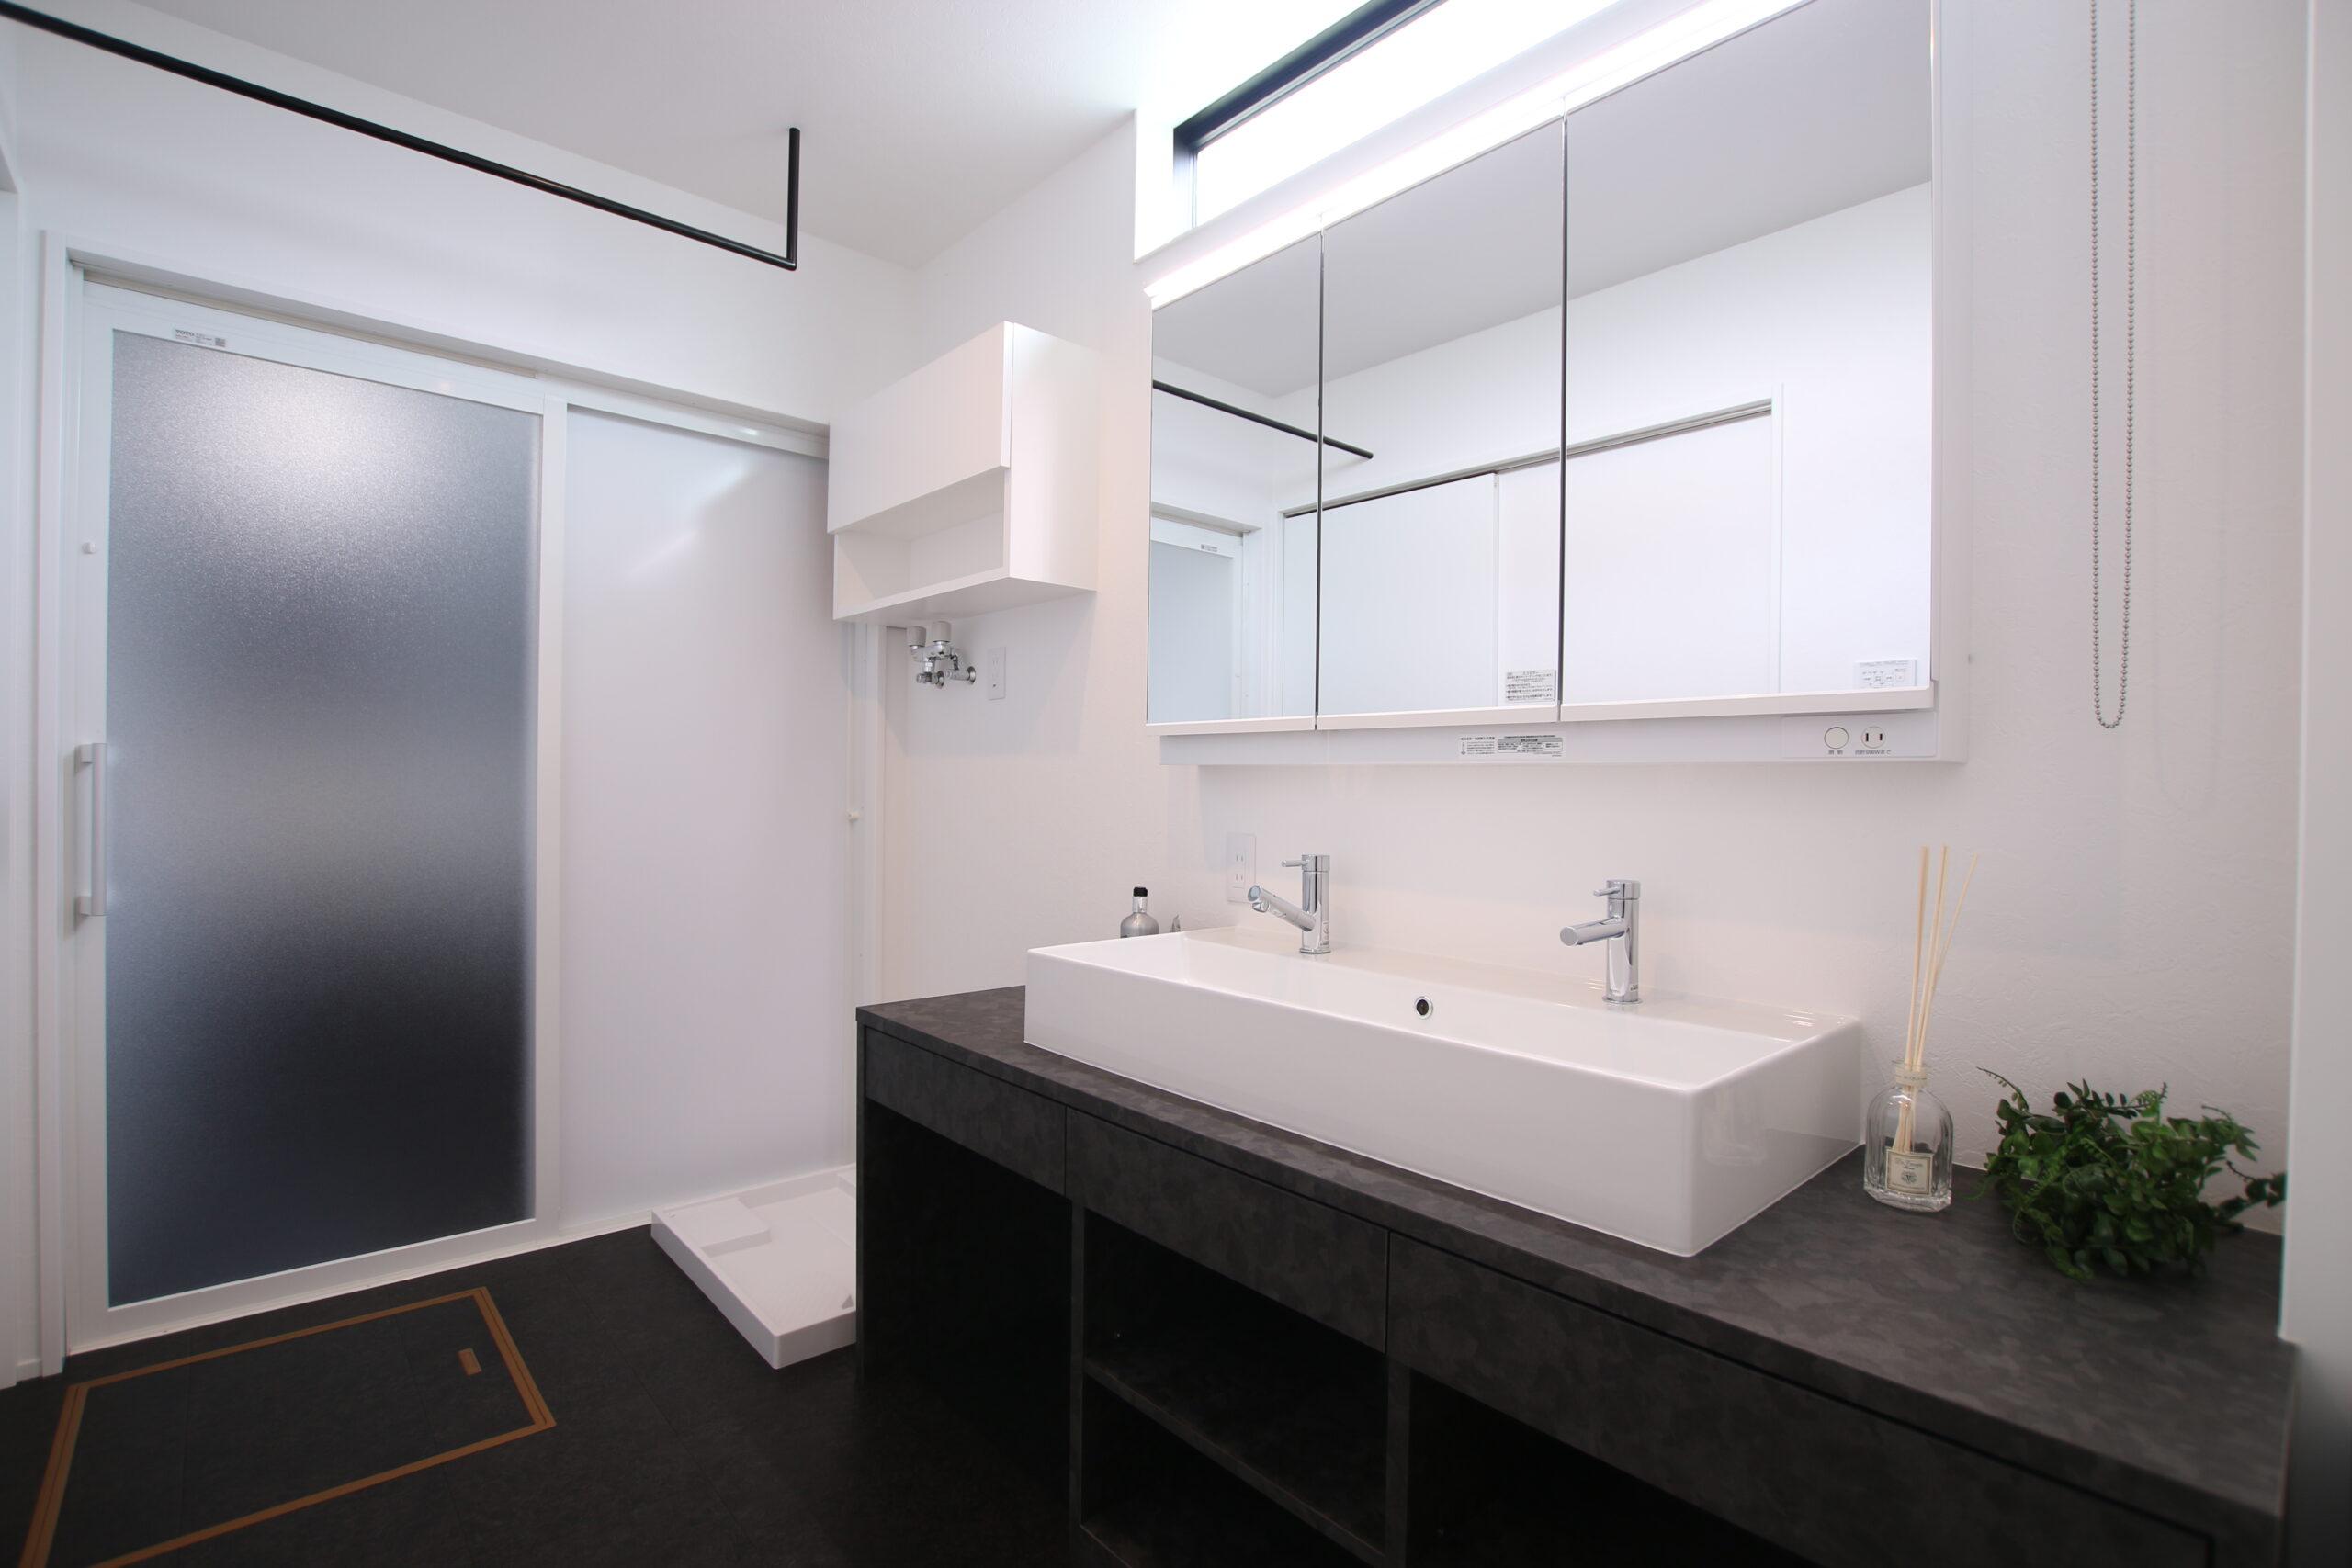 洗面脱衣室はモノトーンで落ち着いた雰囲気に